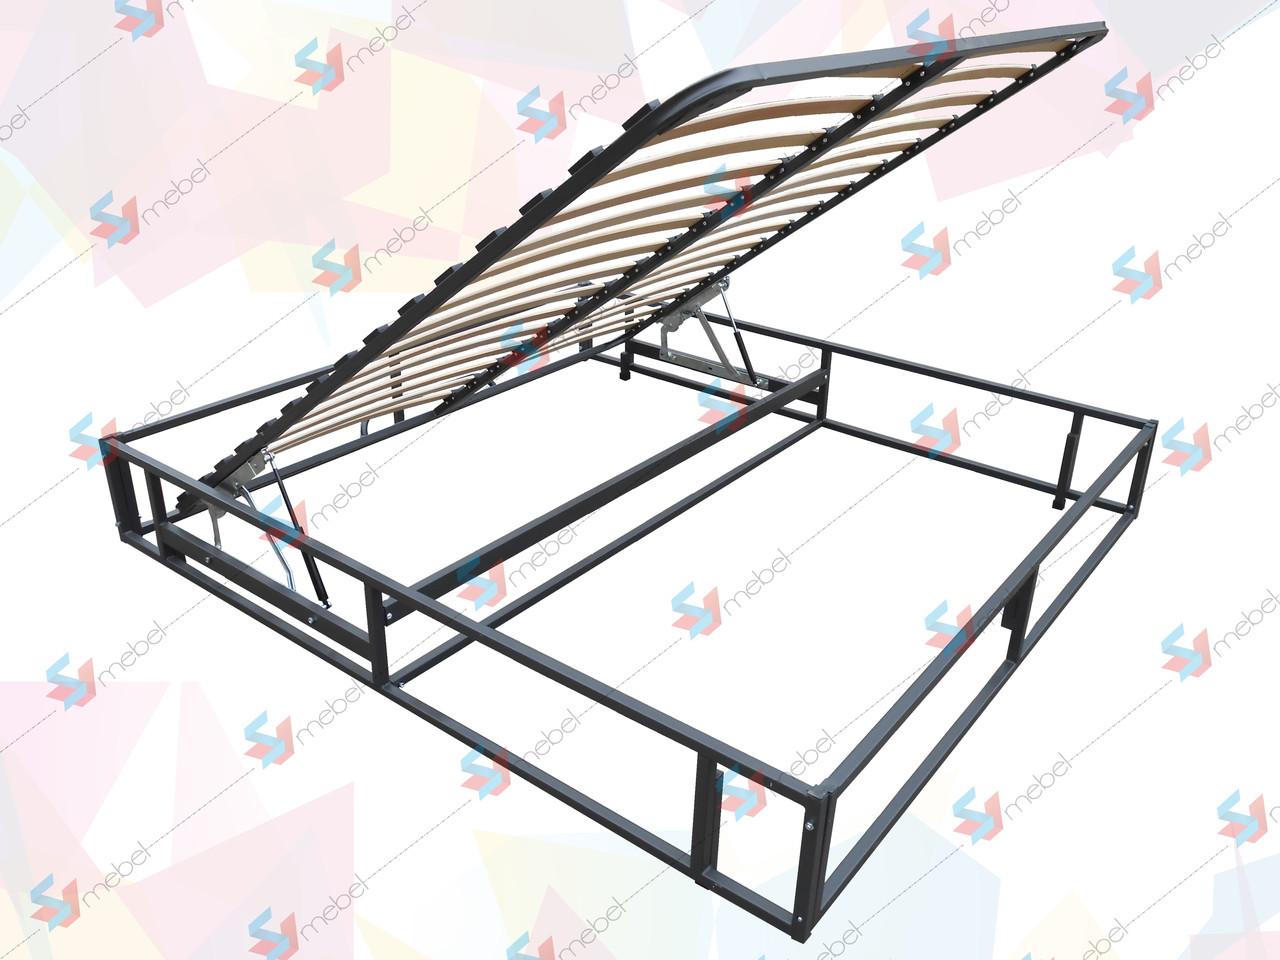 Каркас кровати с подъемным механизмом(без фиксатора) и основанием 1900х1200 мм - SVmebel в Мелитополе